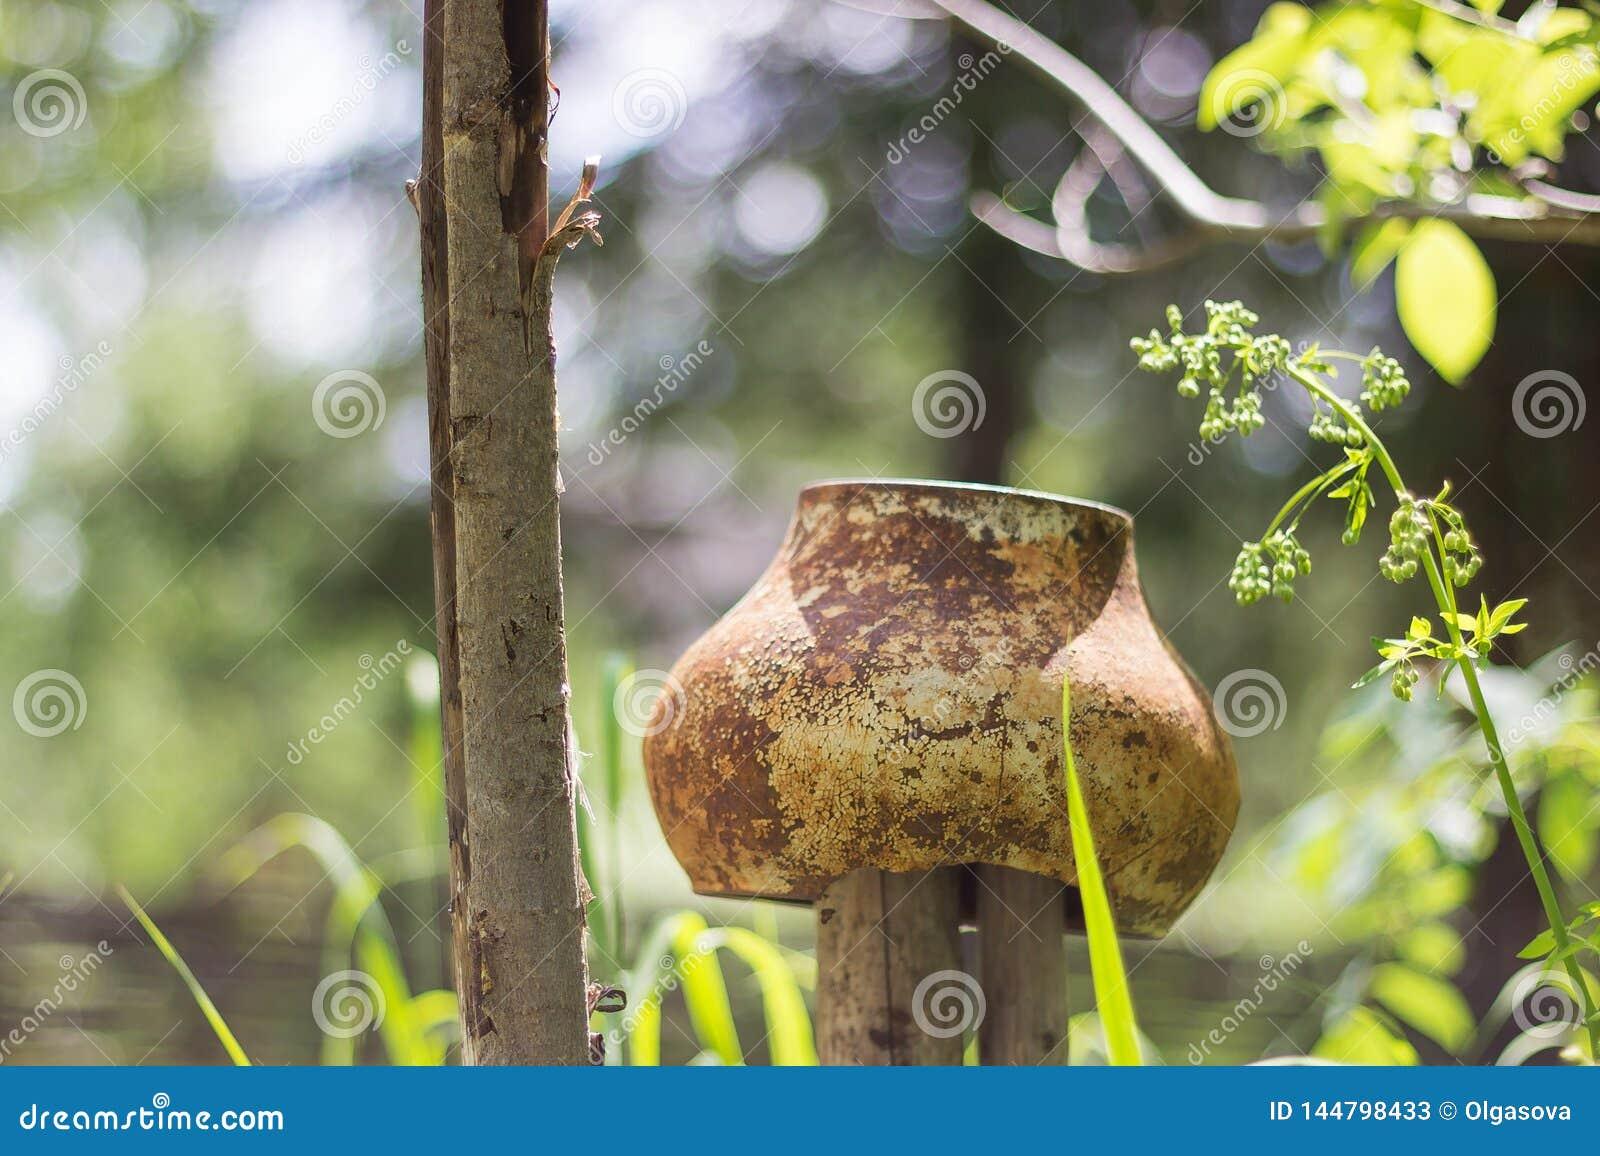 Järnkruka på staketet